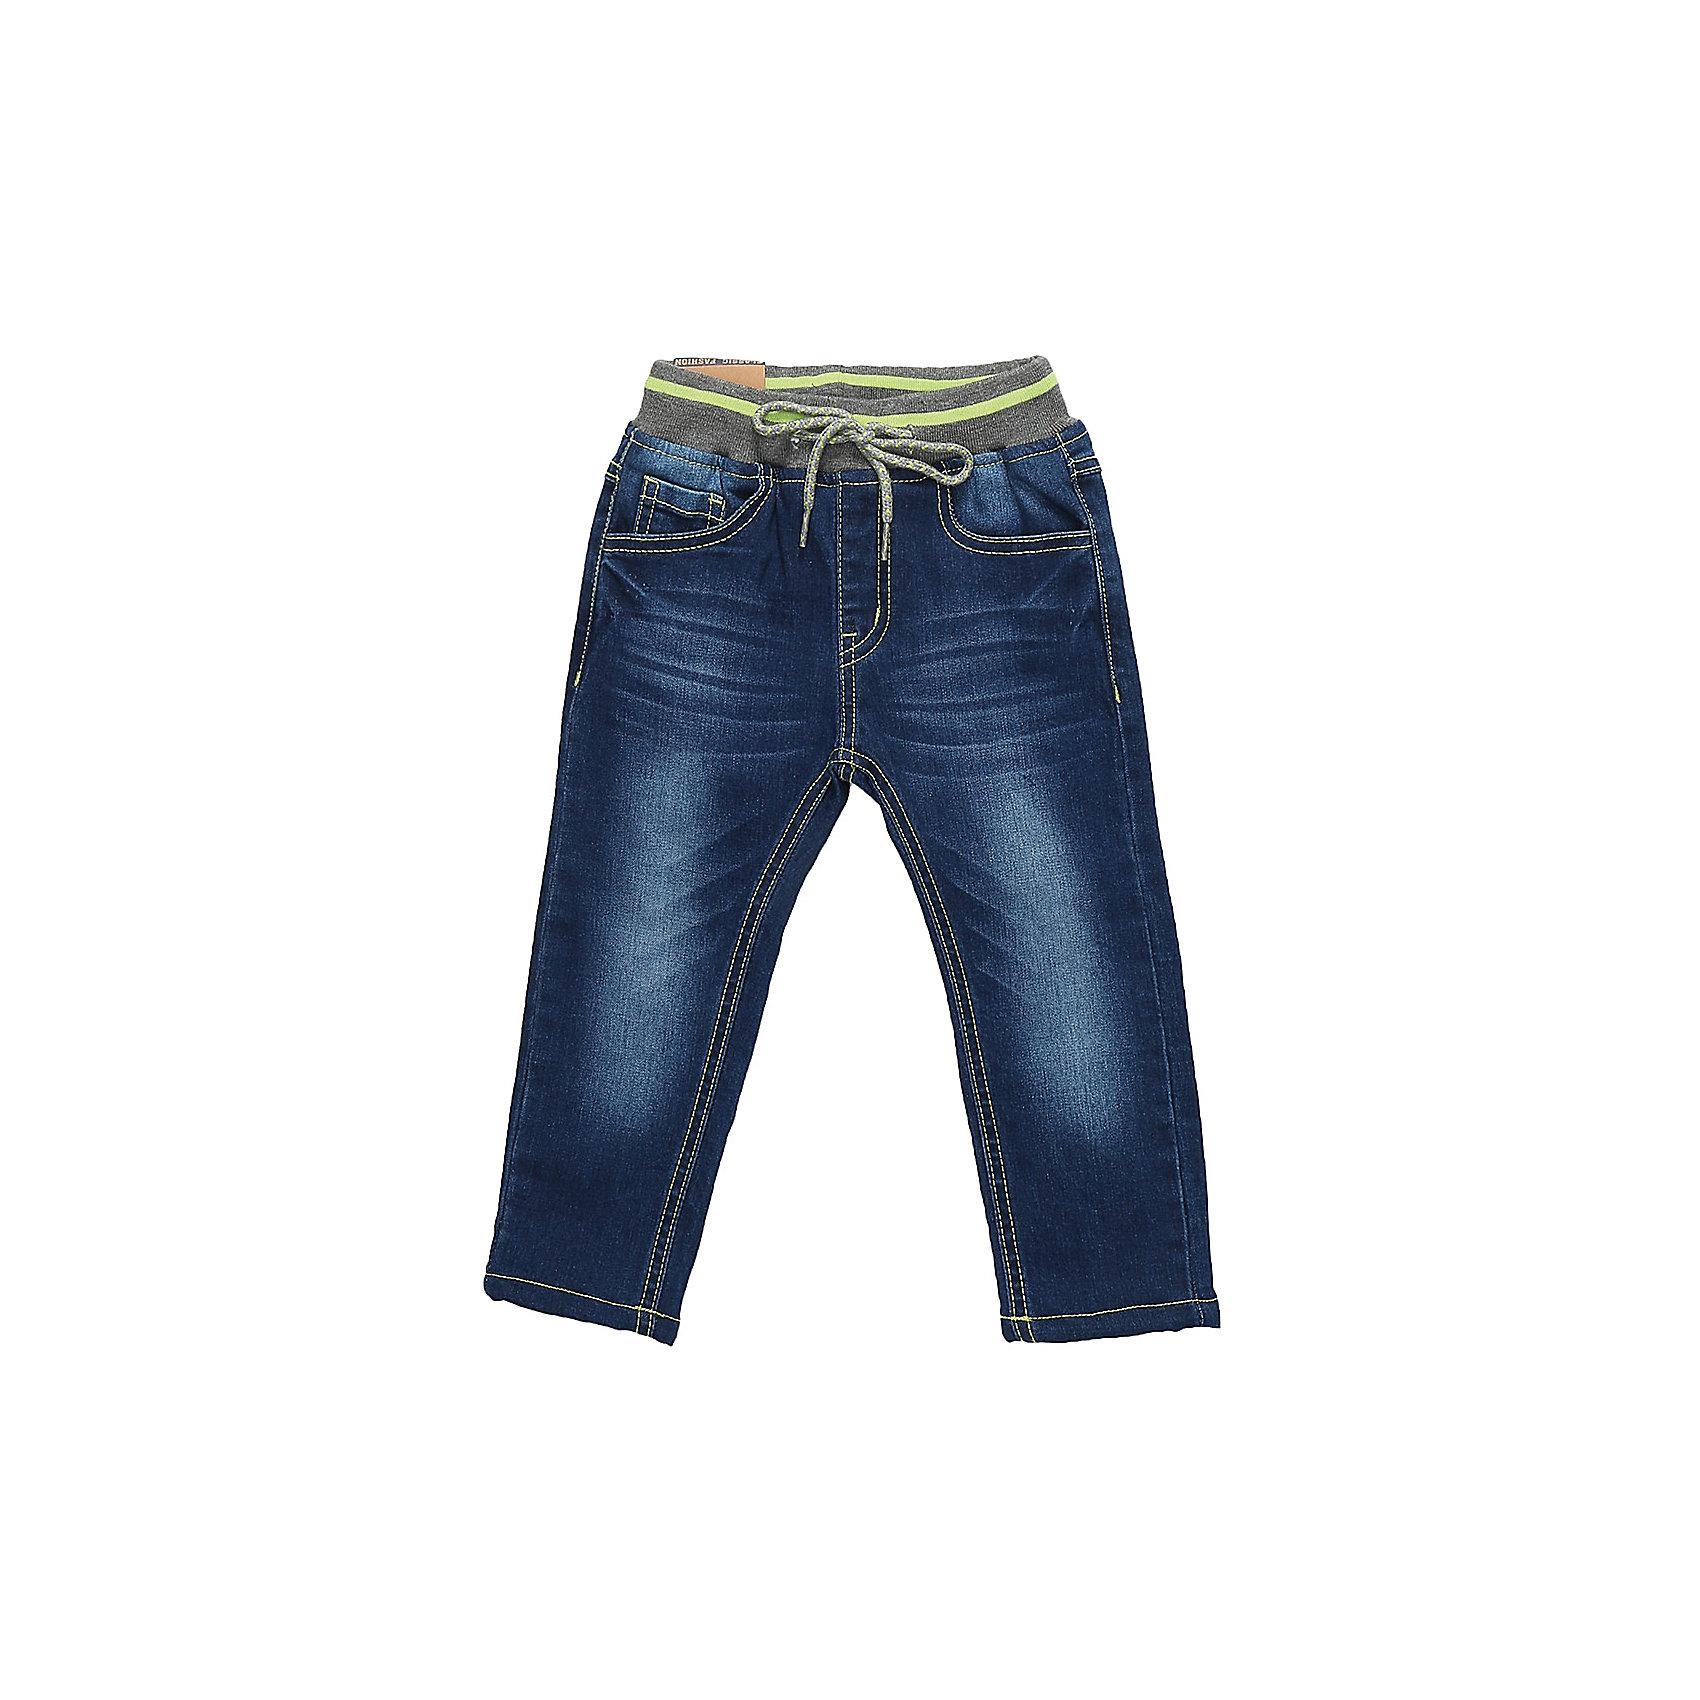 Брюки Sweet Berry для мальчикаДжинсы<br>Брюки Sweet Berry для мальчика<br>Утепленные джинсовые брюки для мальчика на флисовой подкладке. Мягкий эластичный пояс со шнуром для регулирования объема по талии. Прямой крой, средняя посадка  Задний карман декорирован оригинальной вышивкой.<br>Состав:<br>Основная ткань: 98% хлопок, 2% спандекс Подкладка: 100% полиэстер<br><br>Ширина мм: 215<br>Глубина мм: 88<br>Высота мм: 191<br>Вес г: 336<br>Цвет: синий<br>Возраст от месяцев: 24<br>Возраст до месяцев: 36<br>Пол: Мужской<br>Возраст: Детский<br>Размер: 98,80,86,92<br>SKU: 7095414